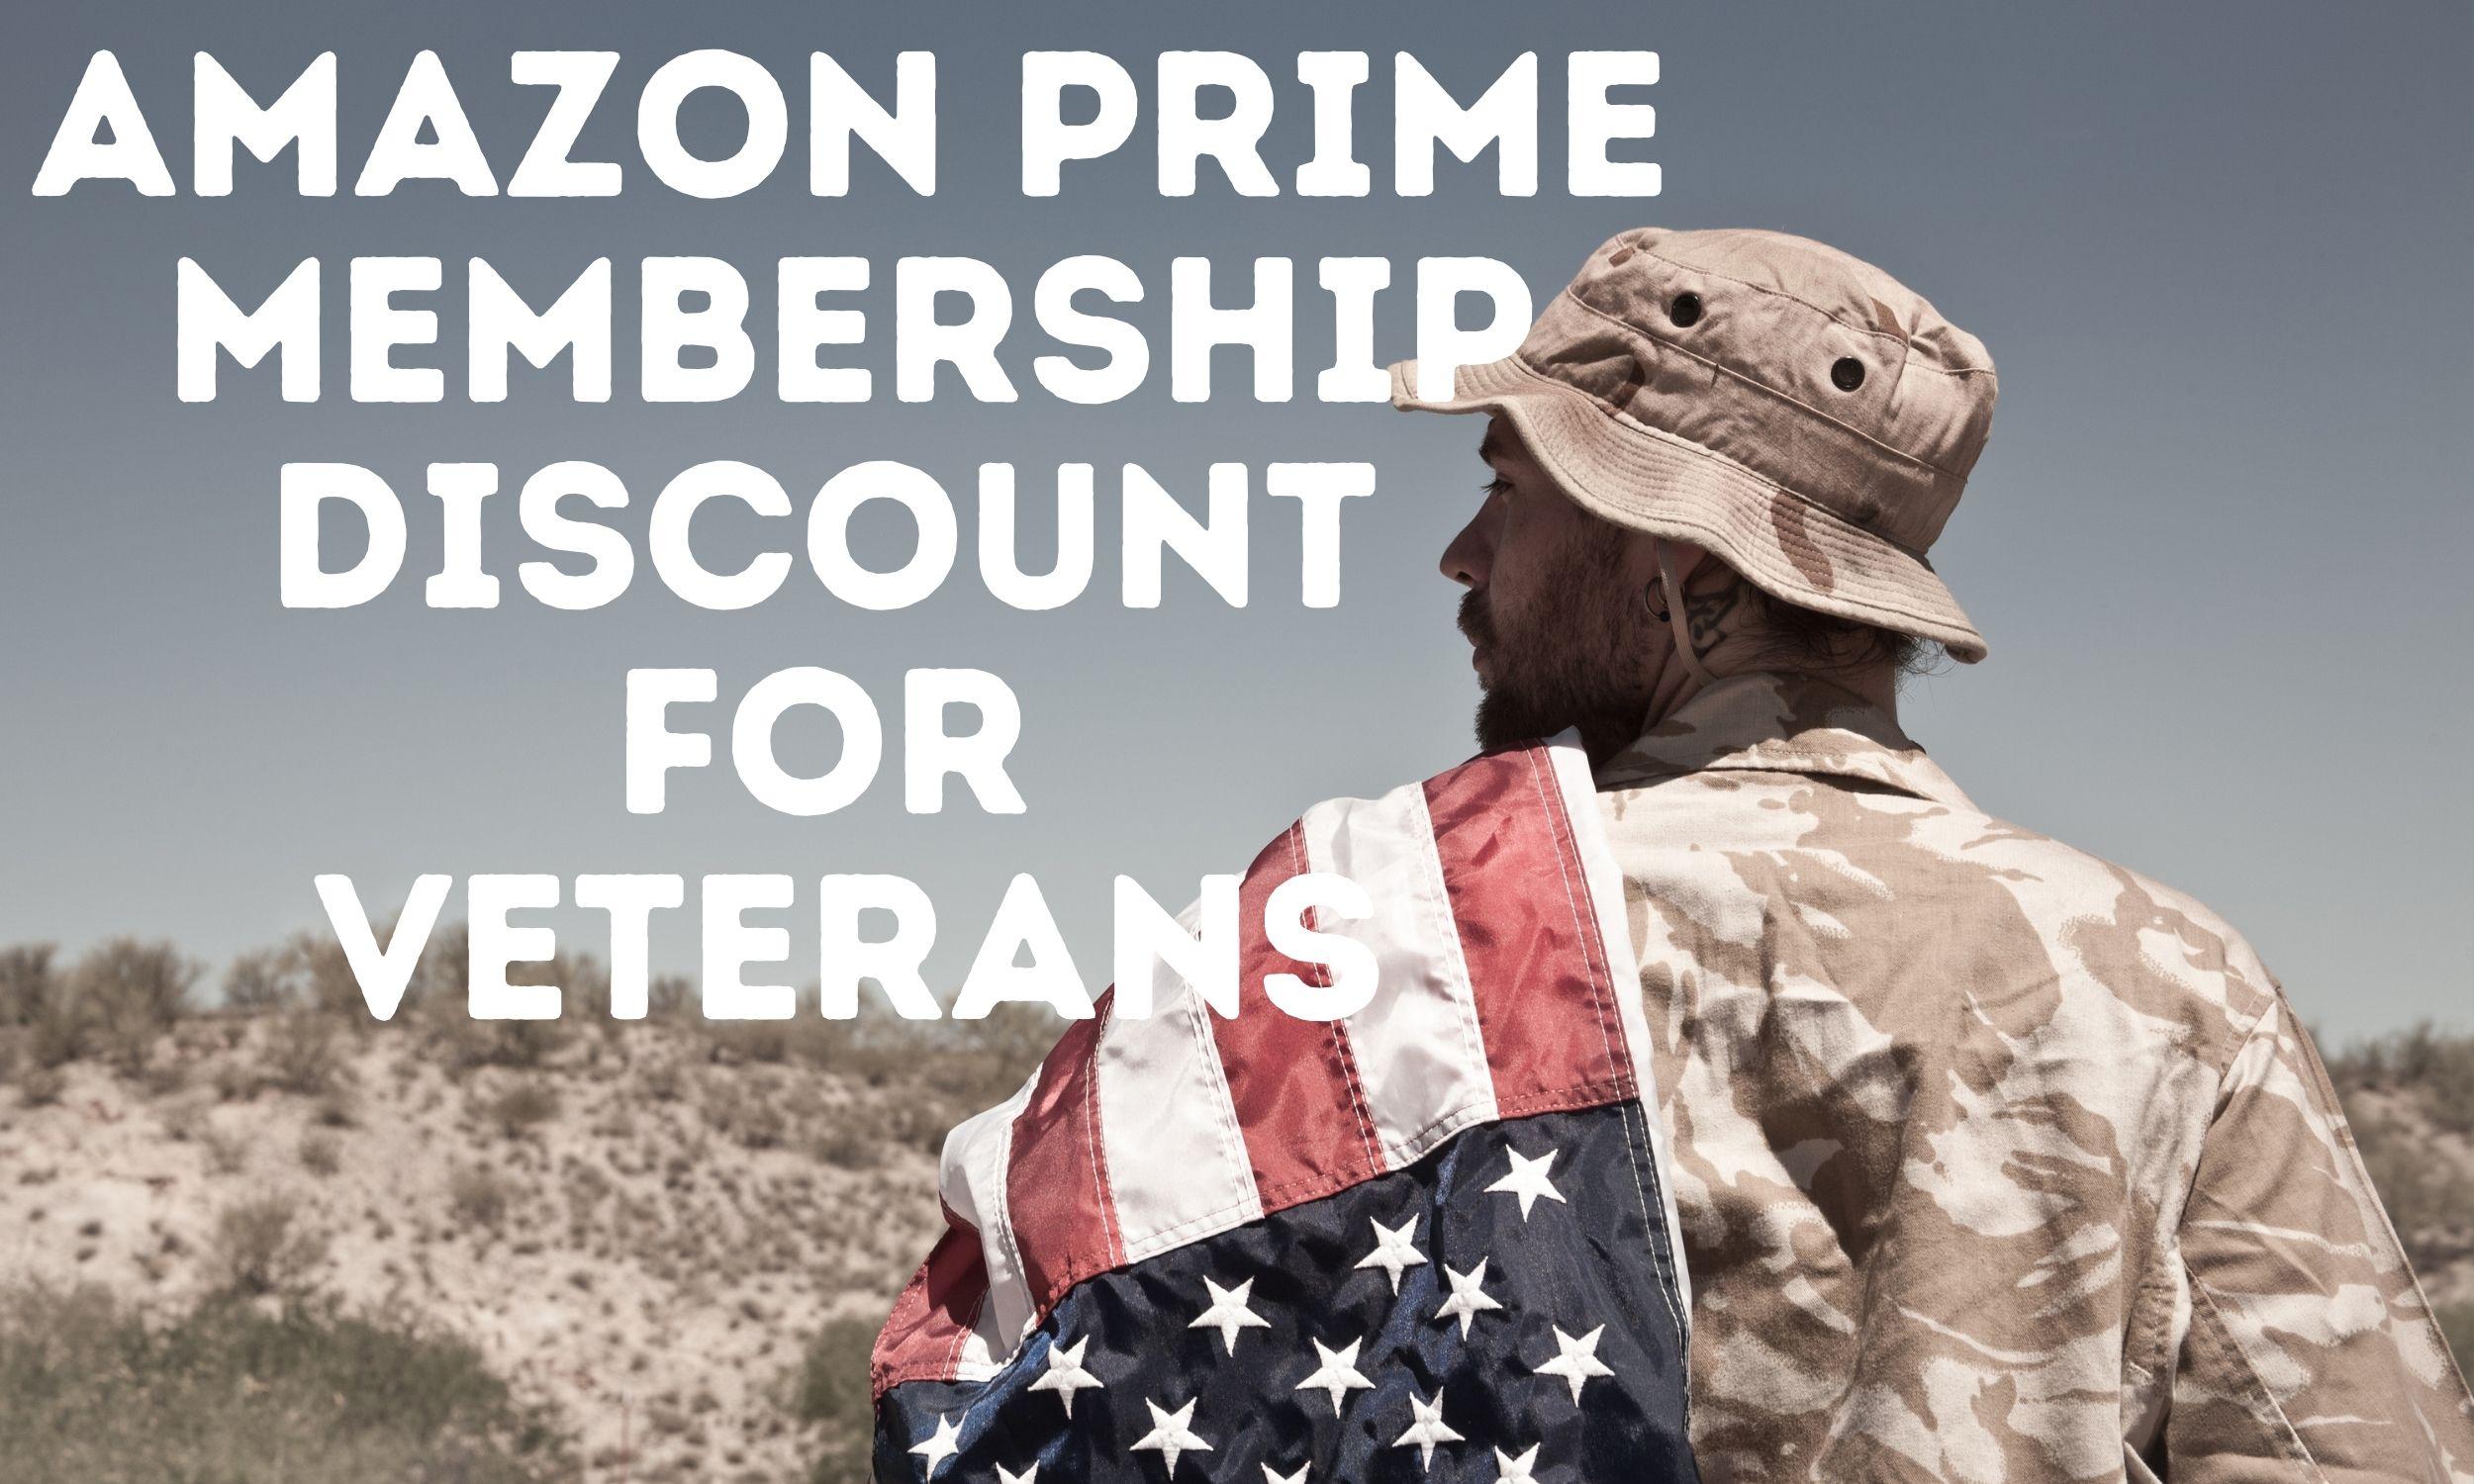 Amazon Prime Membership Discount for Veterans 2021